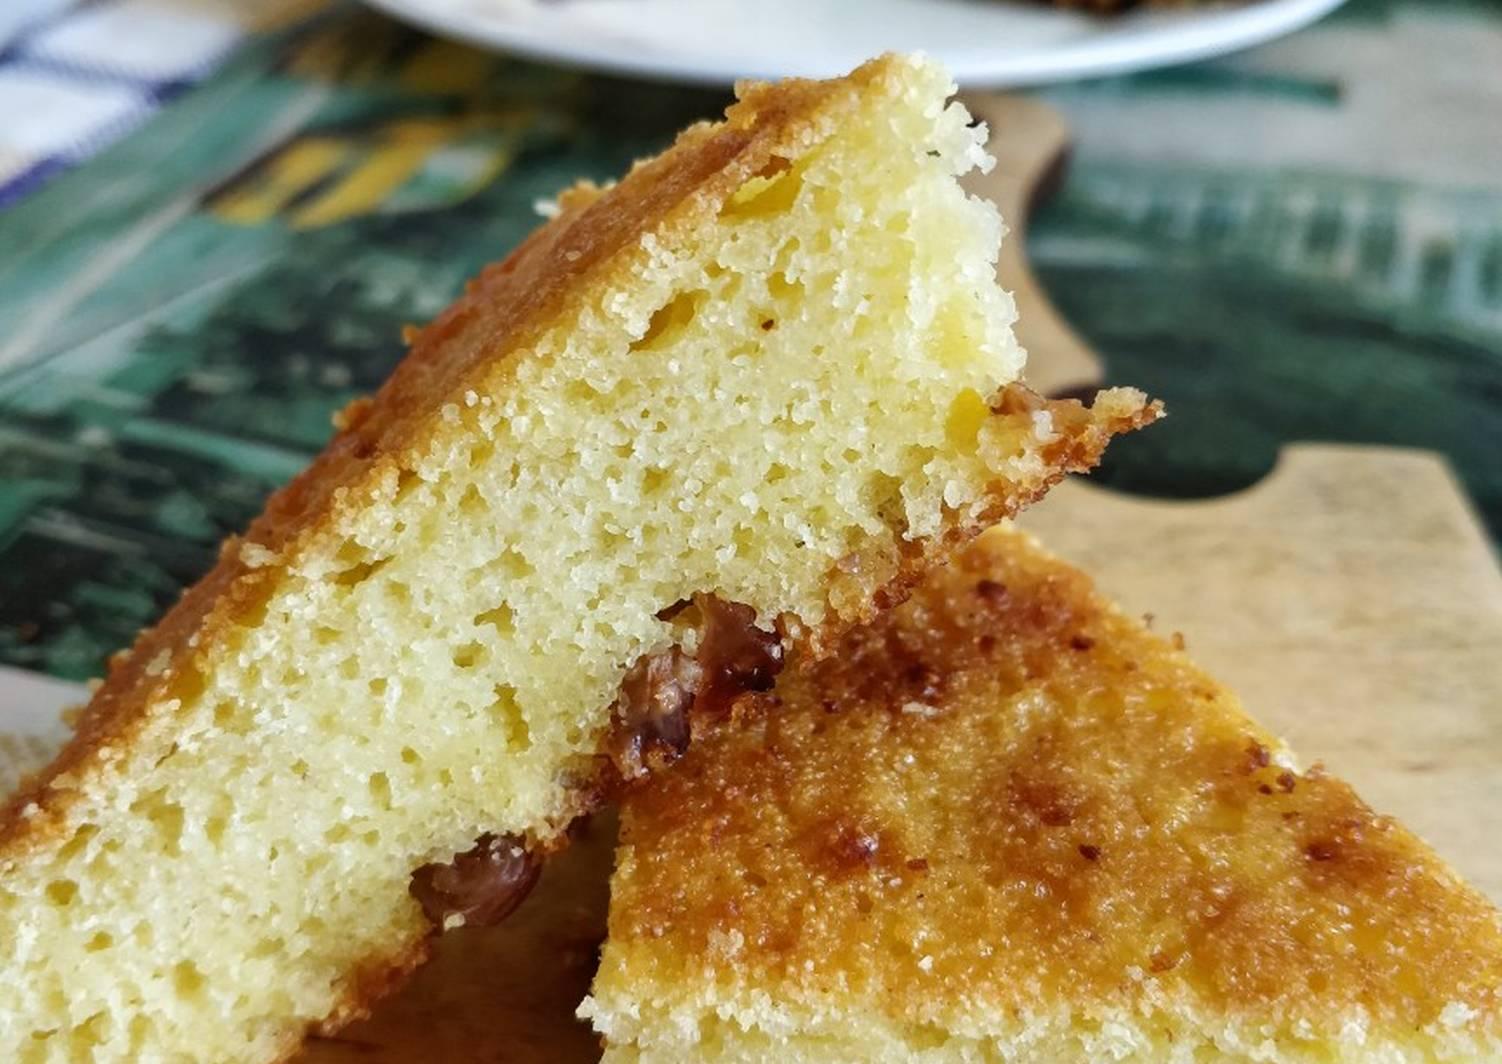 постный манник персиковый рецепт с фото апельсин высокого качества